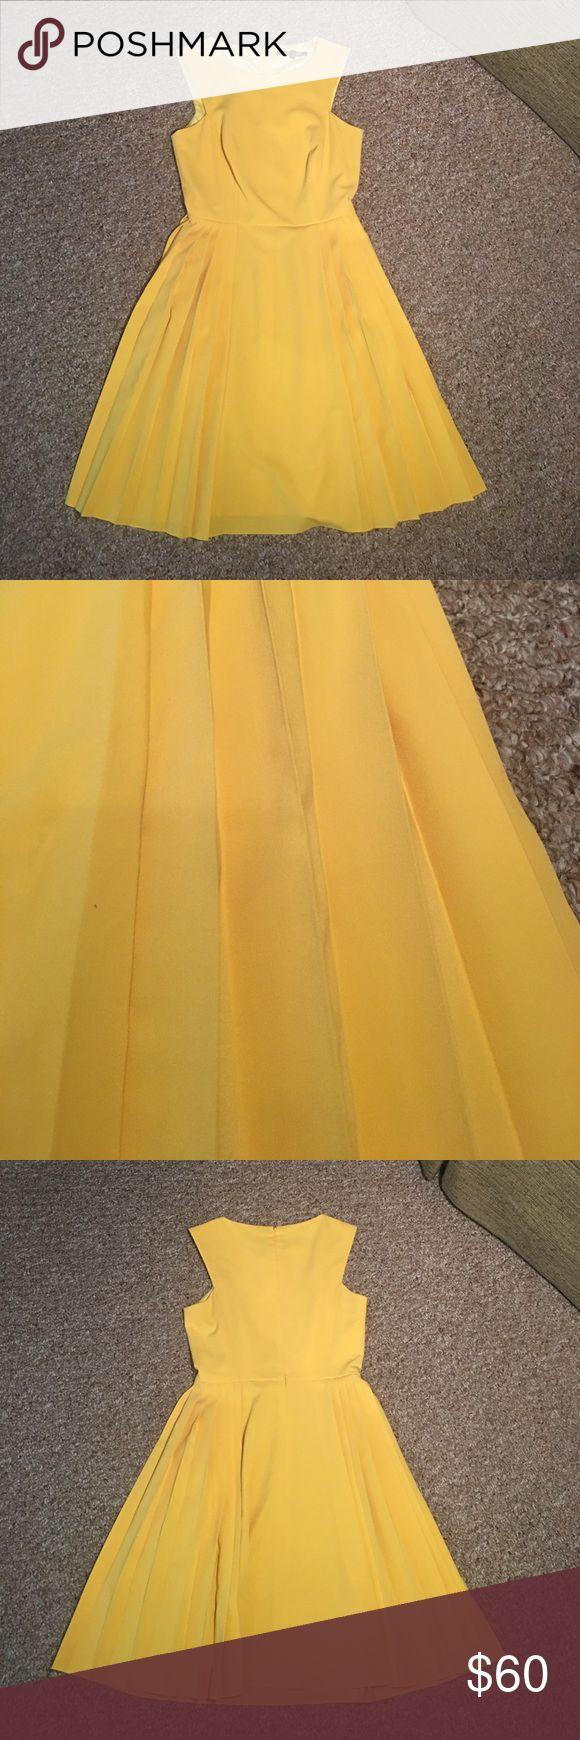 Gianni Bini pleated yellow dress Never worn Gianni Bini pleated yellow dress. Gianni Bini Dresses